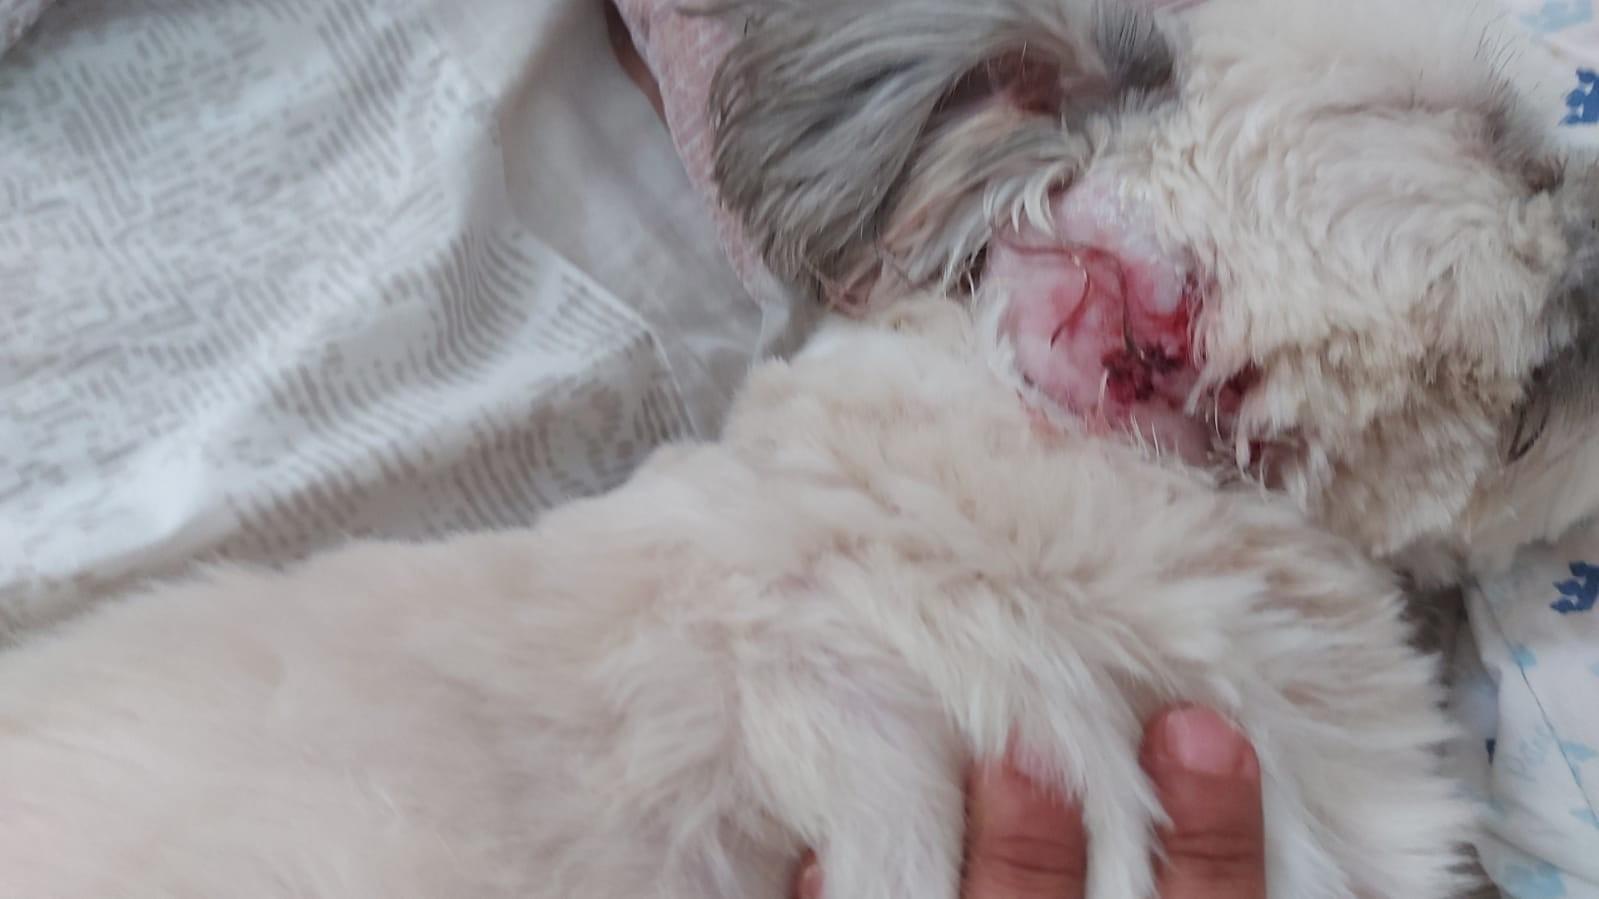 Funcionário de pet shop é indiciado por maus-tratos a cão durante banho e tosa em Macapá